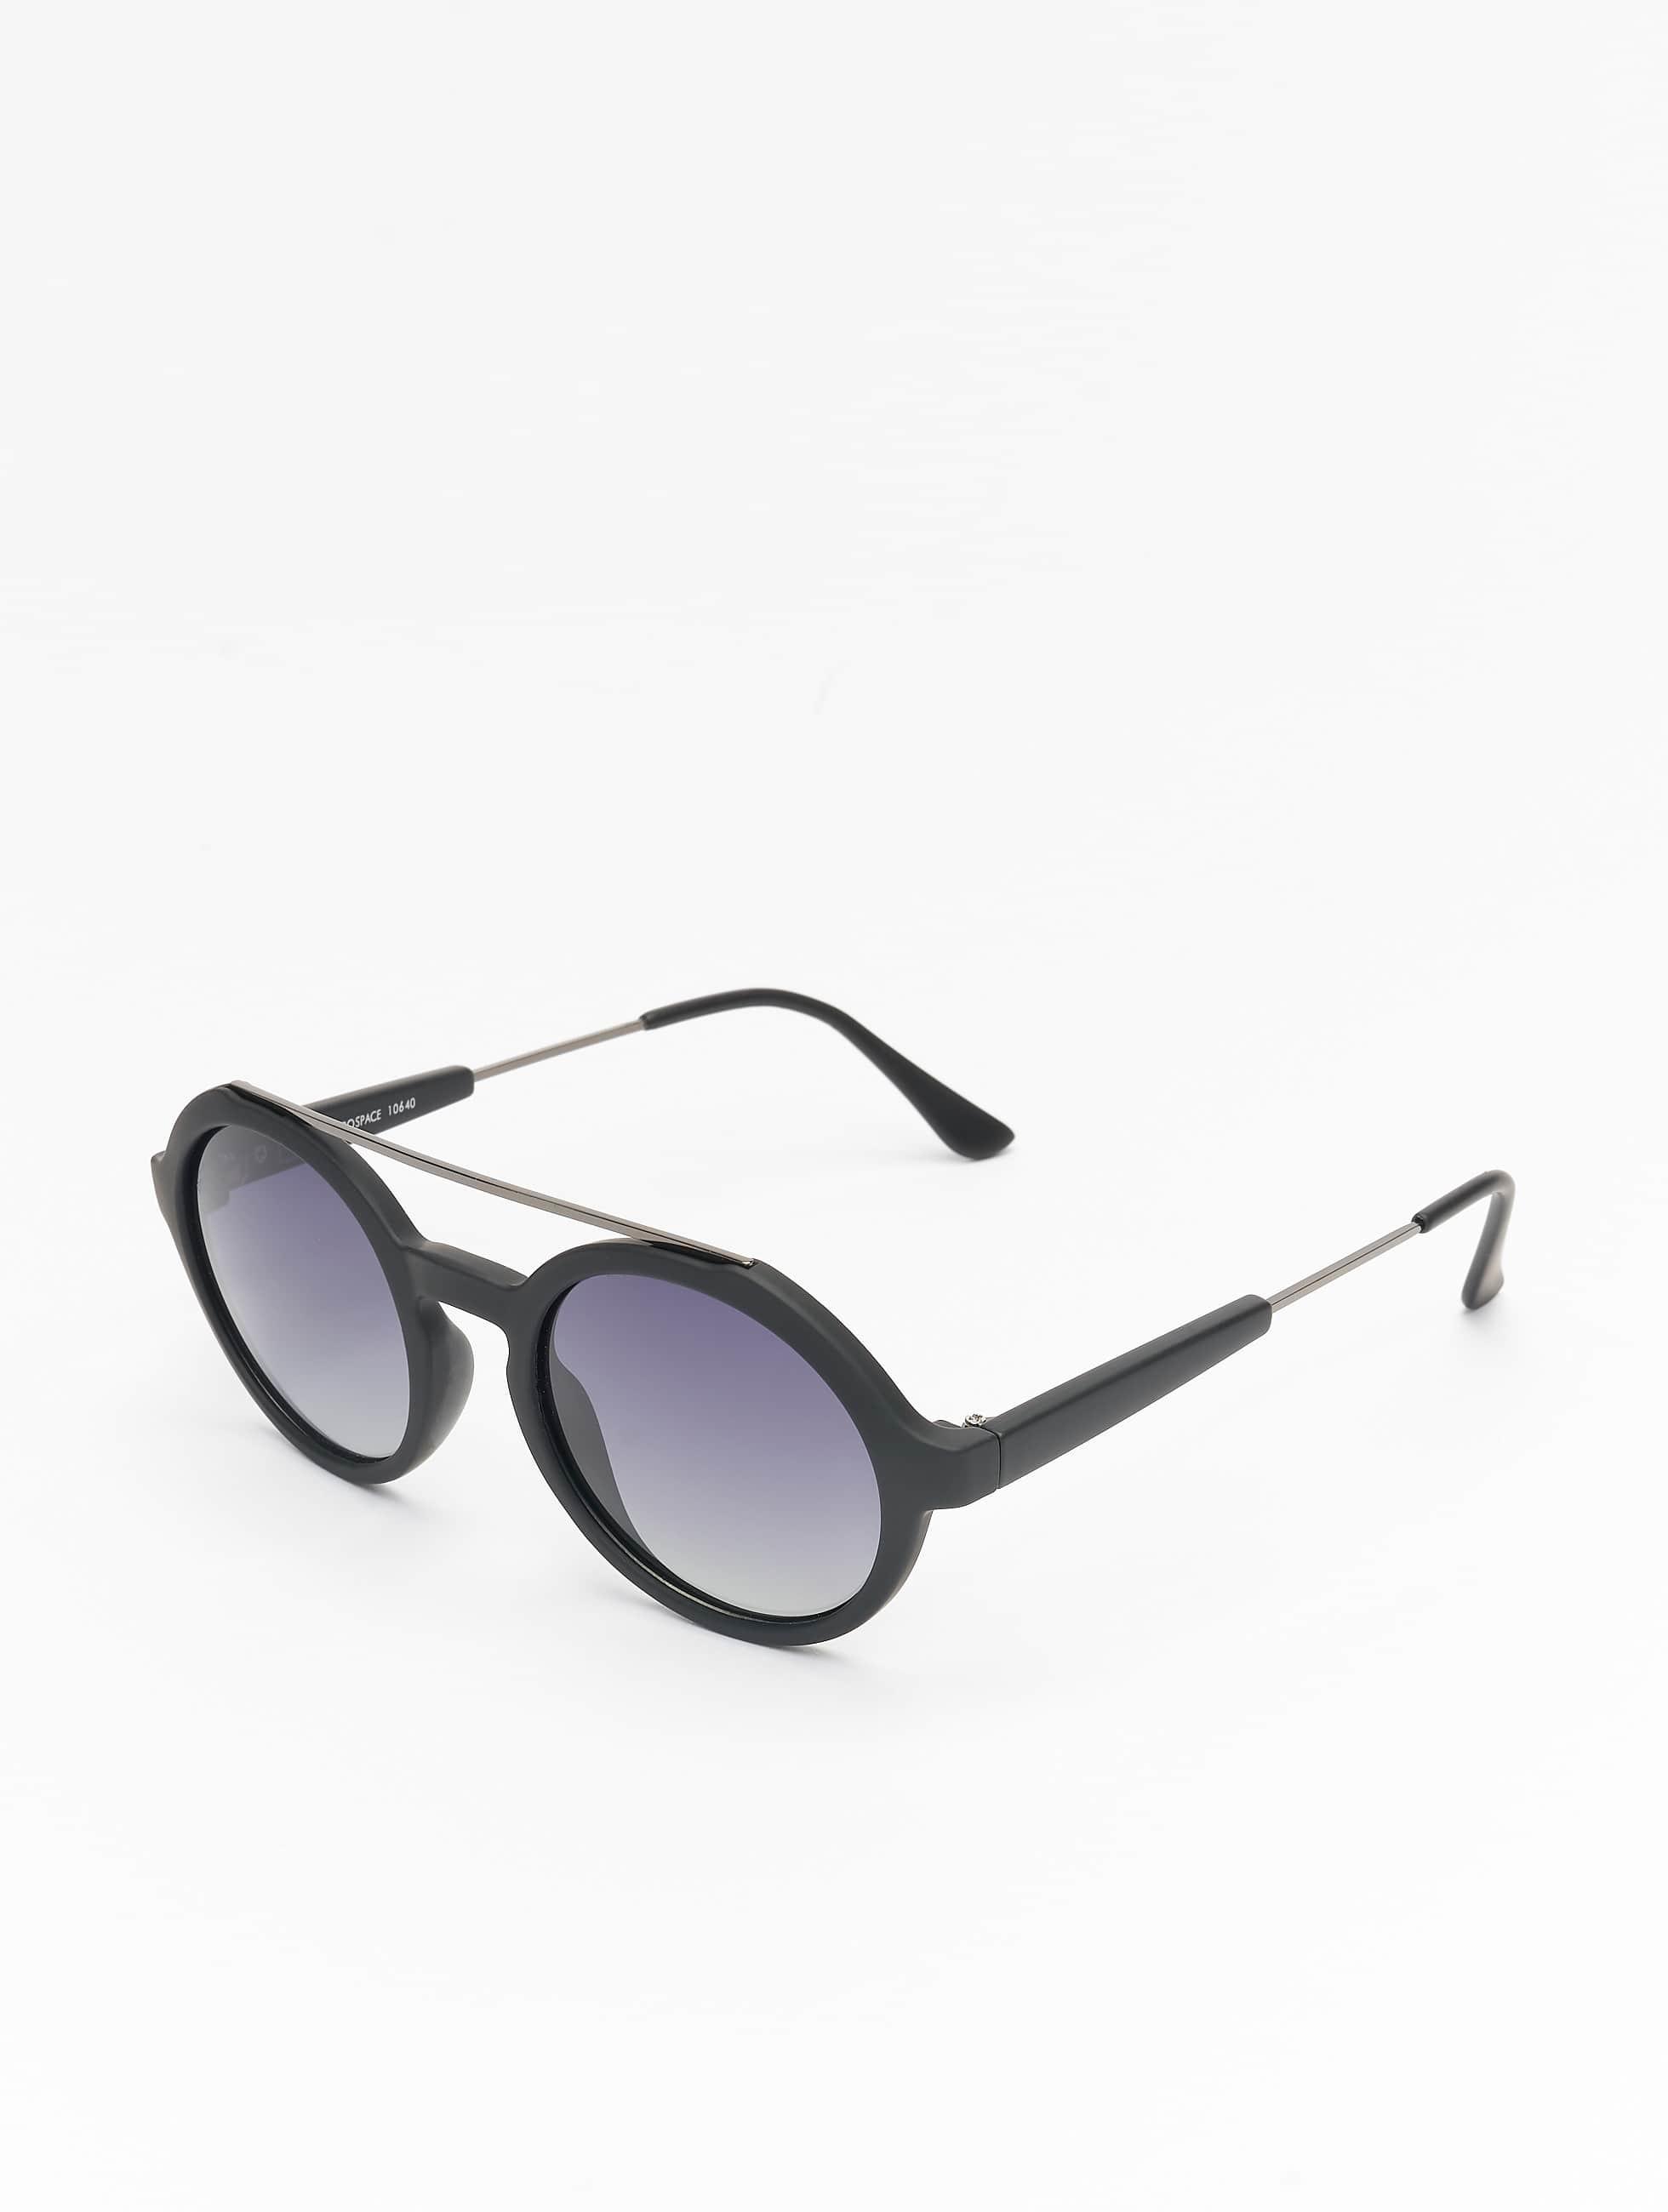 MSTRDS Accessoires / Lunettes de soleil Retro Space Polarized Mirror en noir